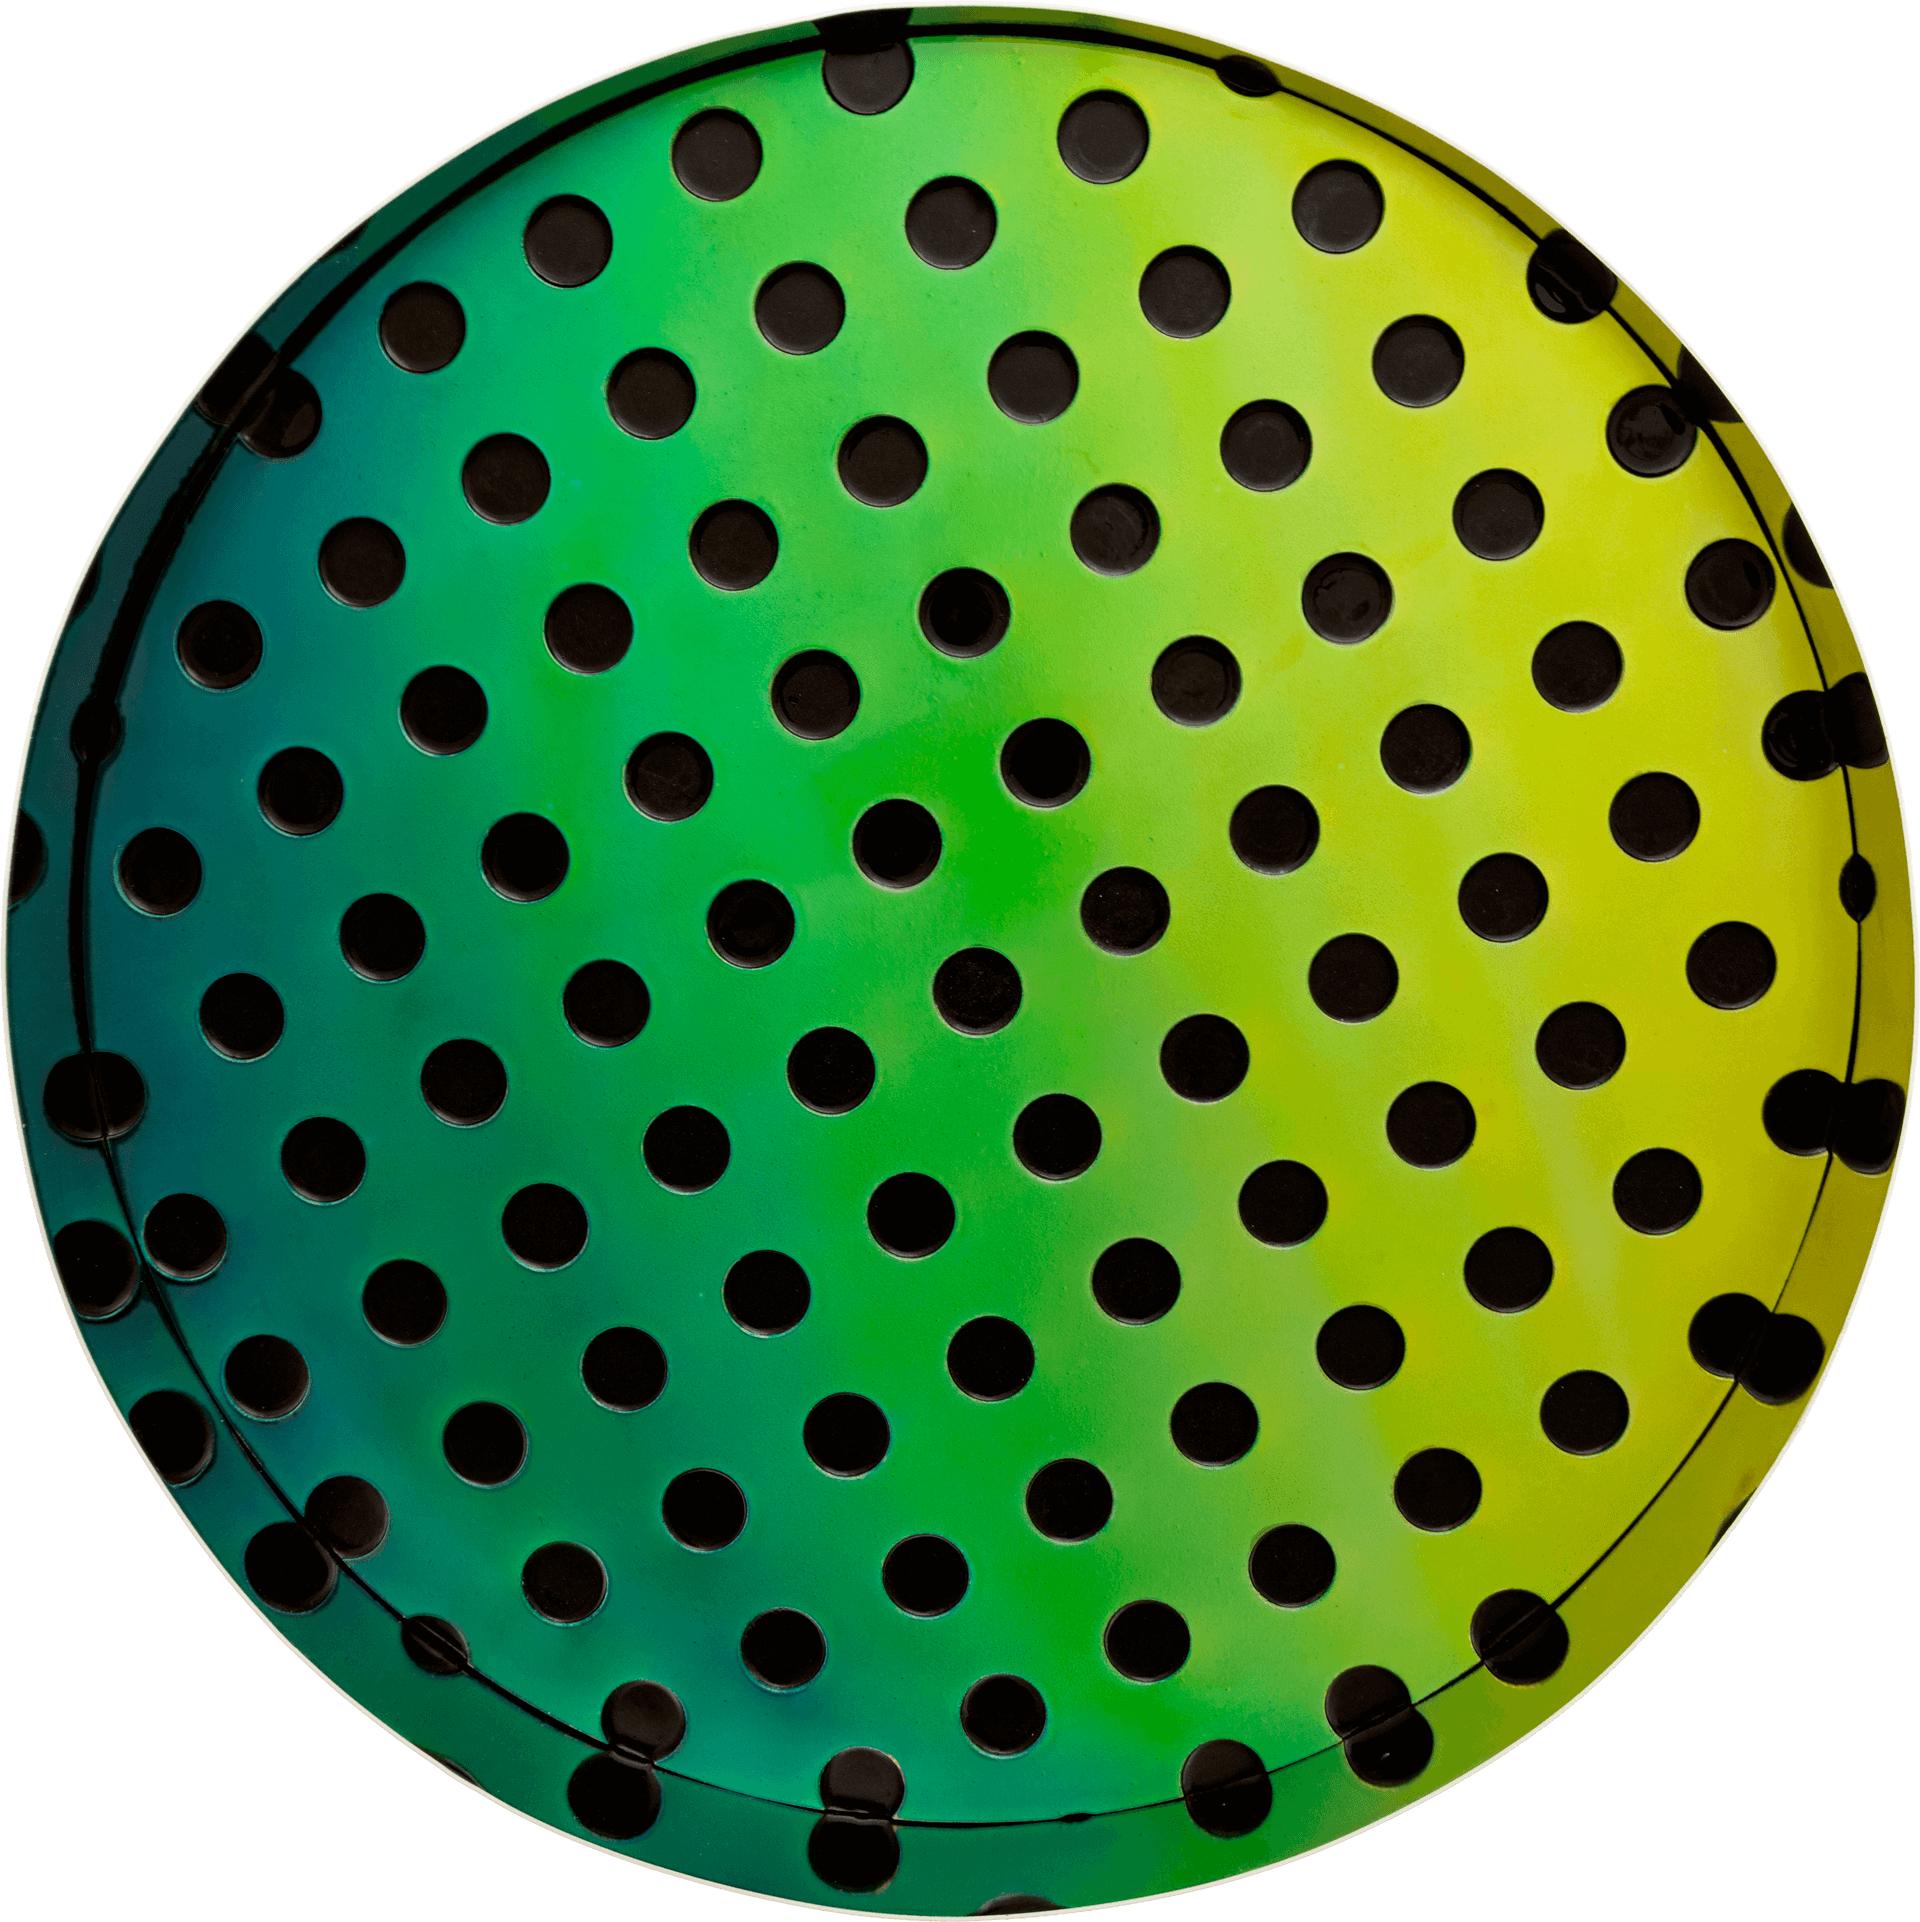 Matteo Negri, Kamigami Green Bubble, 2016, tecnica mista su legno, acciaio cromato e verniciato, 80 x 80 x 20 cm -9146-front